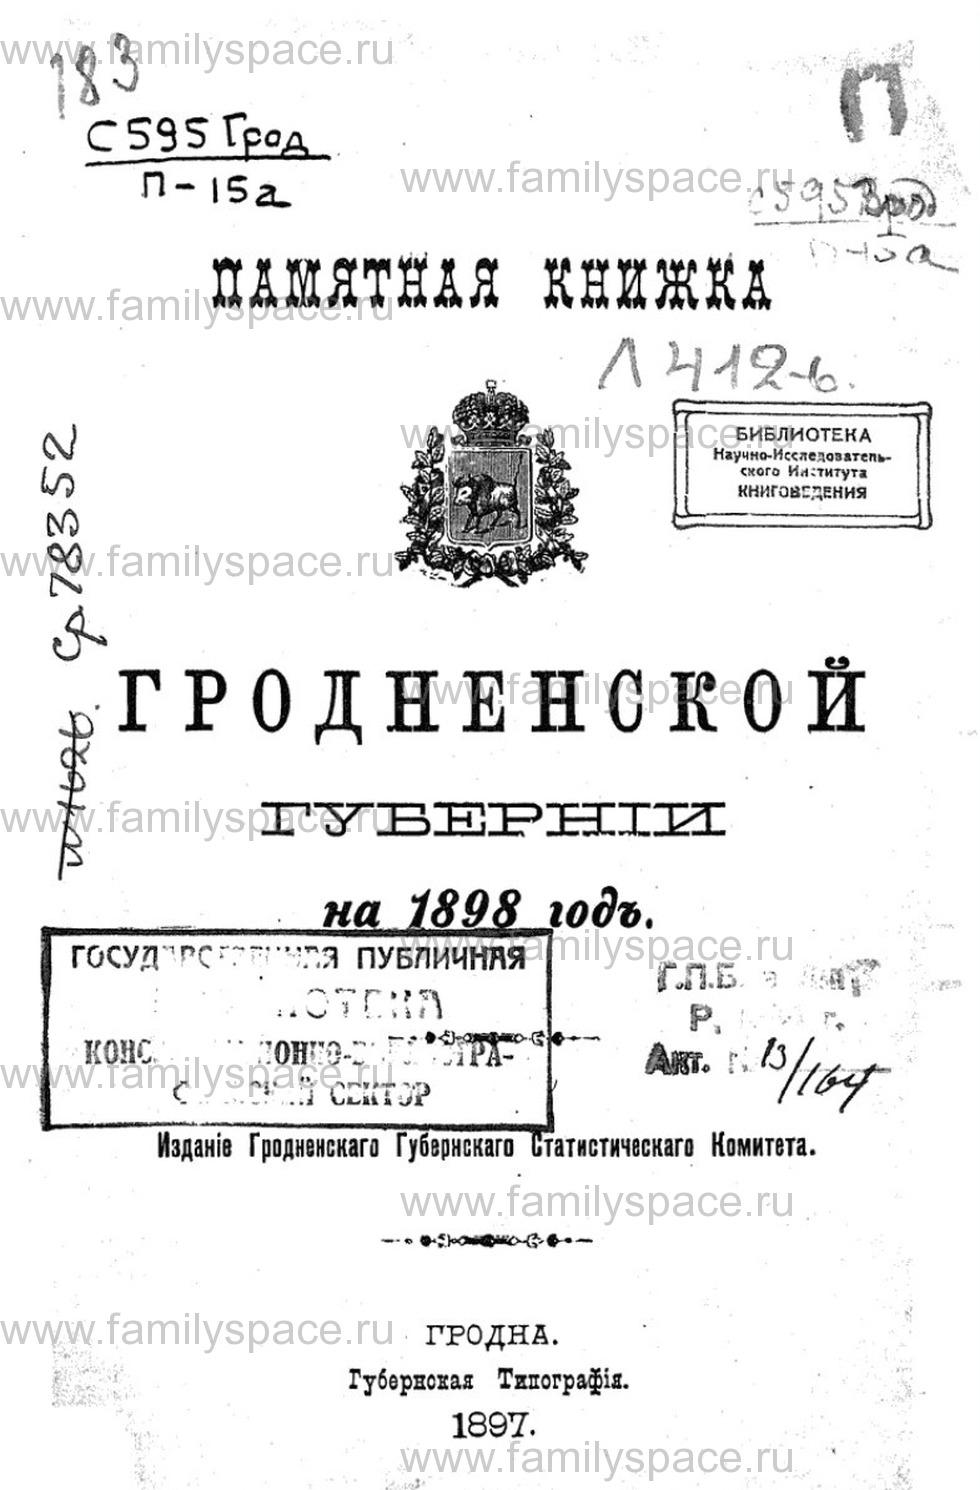 Поиск по фамилии - Памятная книжка Гродненской губернии на 1898 год, страница 1